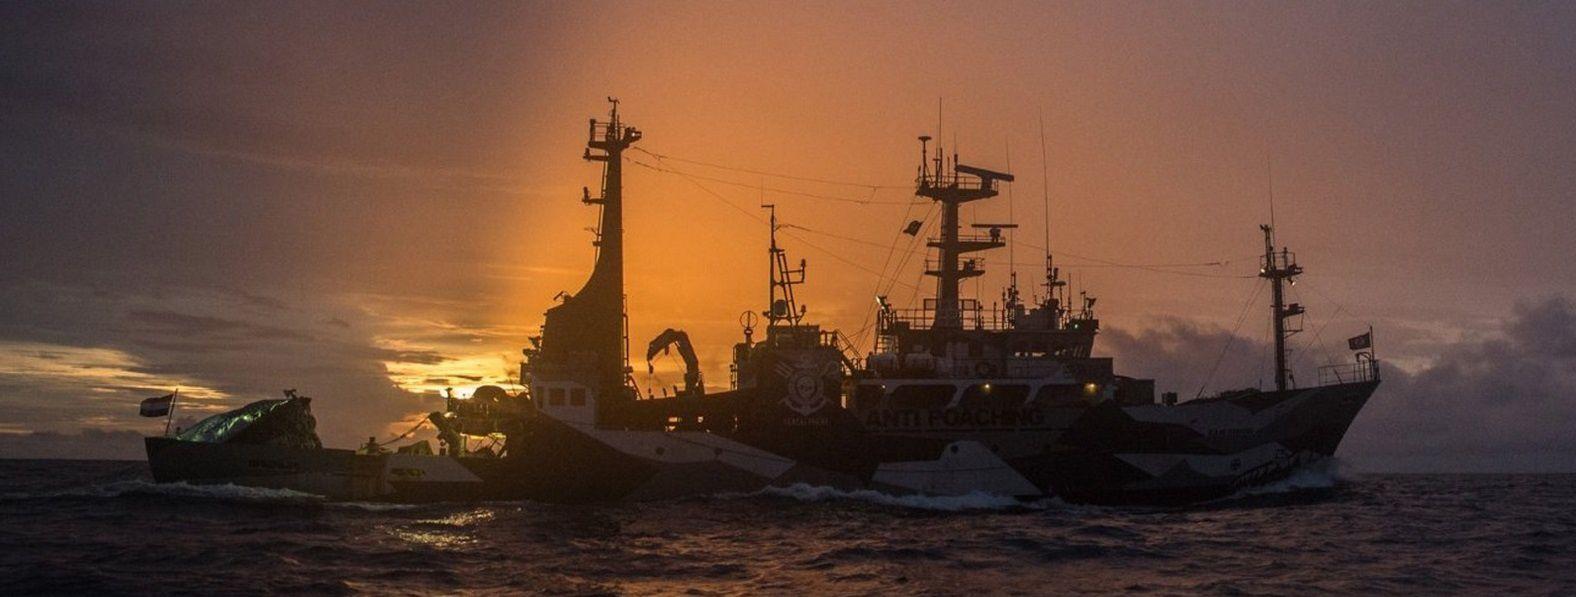 Entretien avec l'Amiral Paul Watson (Sea Sheperd) sur RT